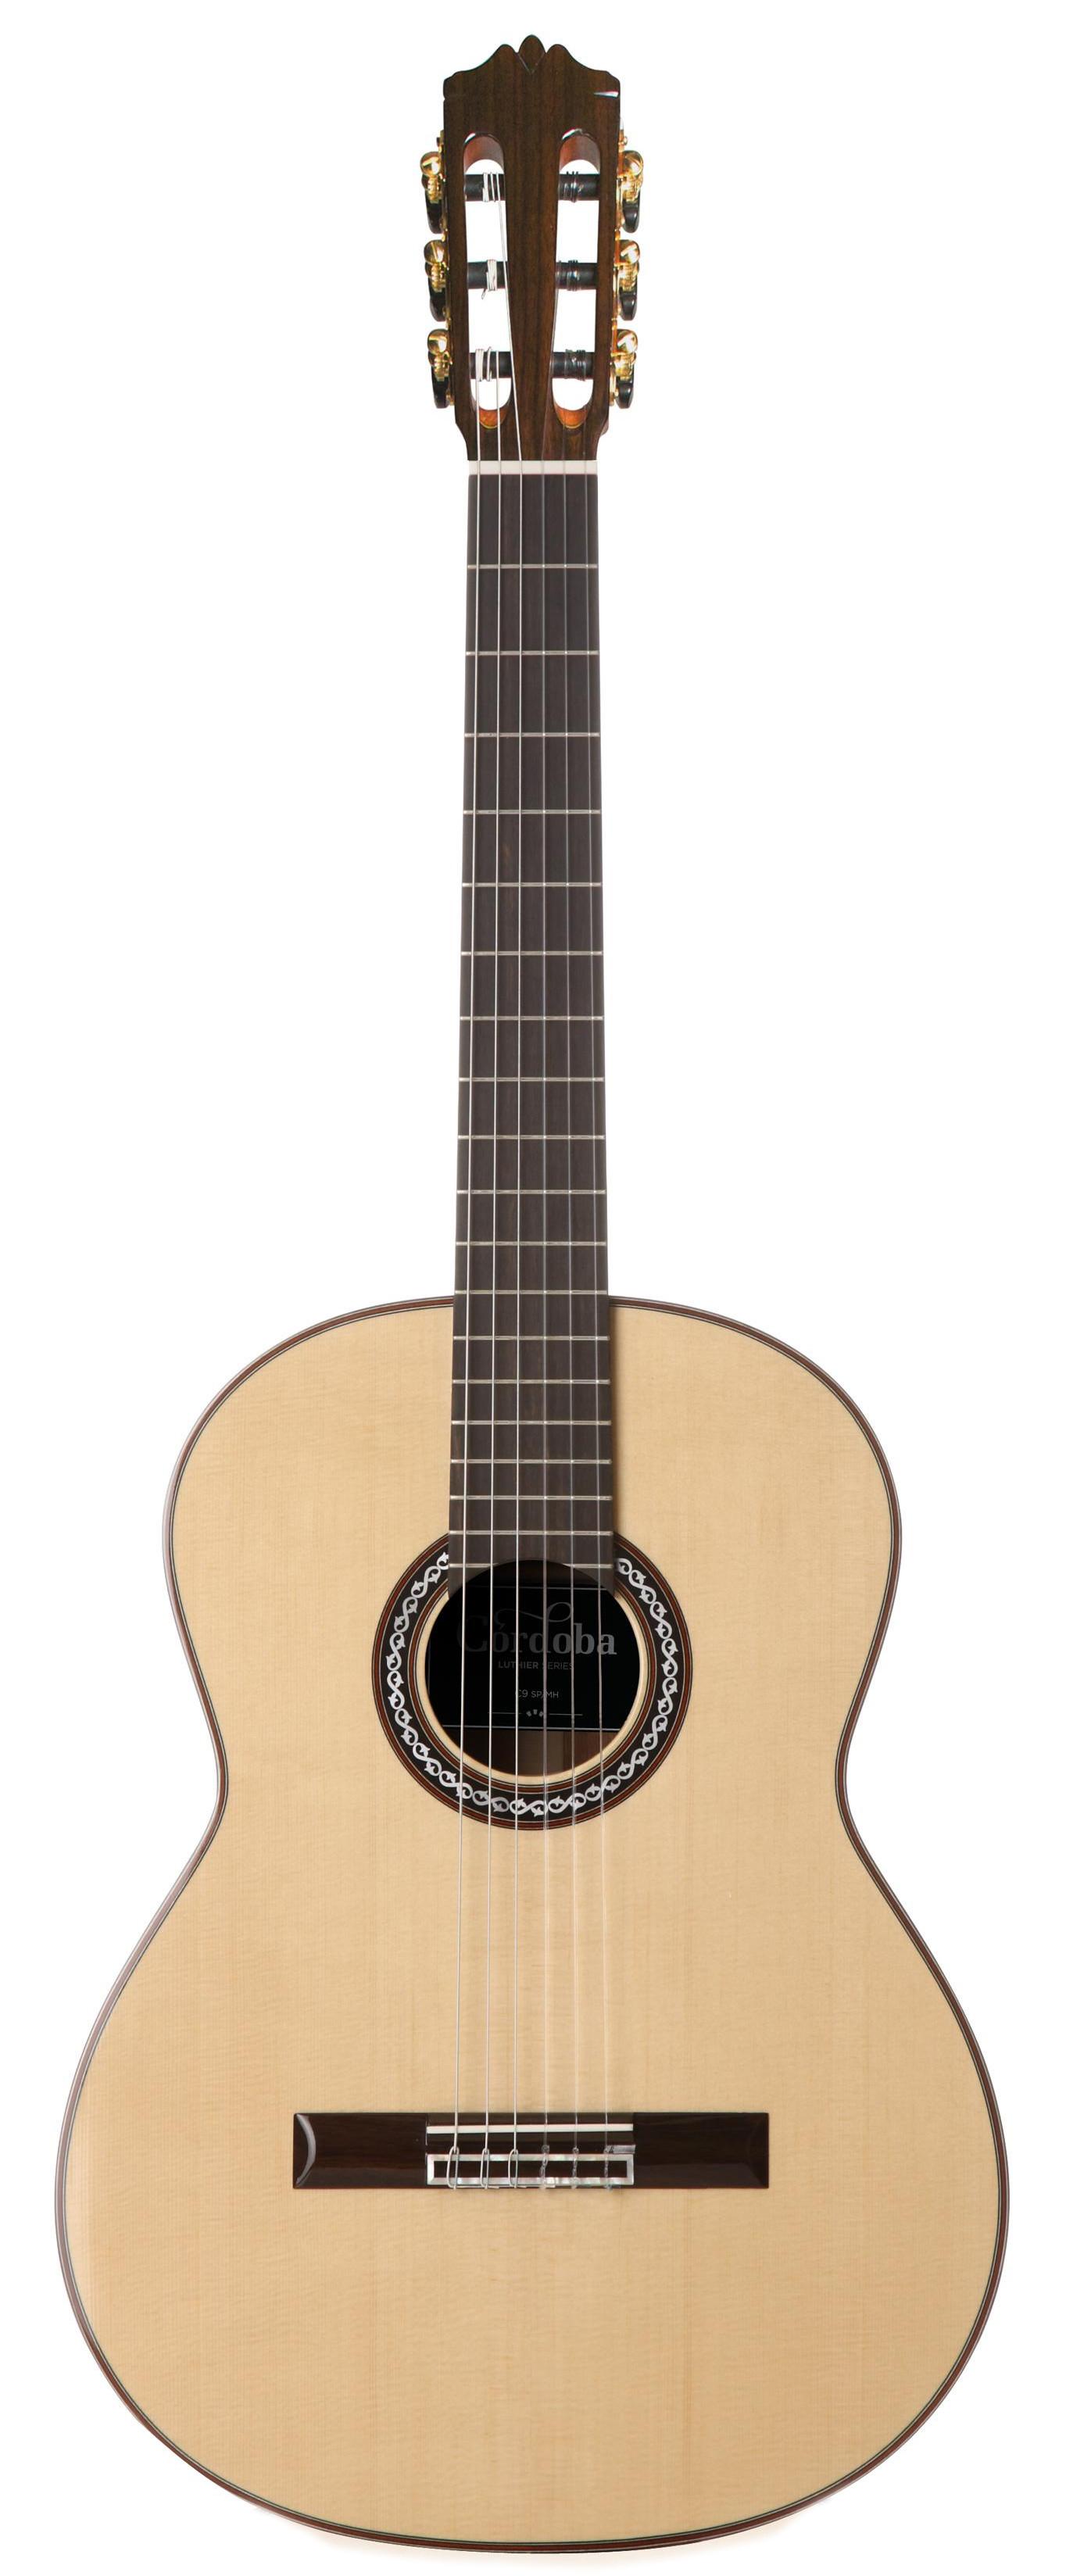 Акустическая гитара Cordoba Luthier C9 Spruce